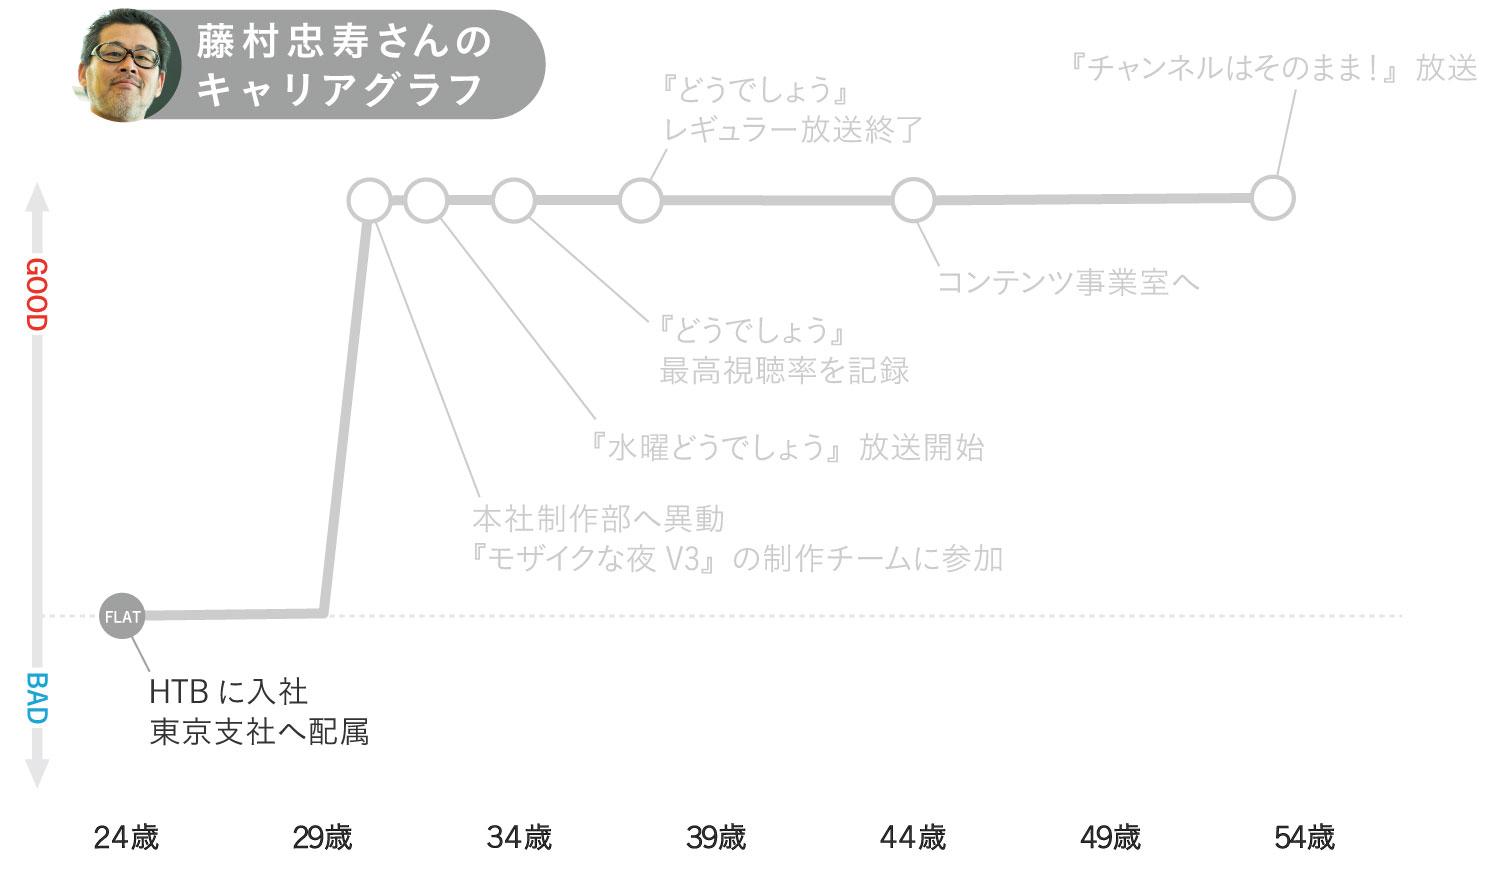 藤村忠寿さんのキャリアグラフ1